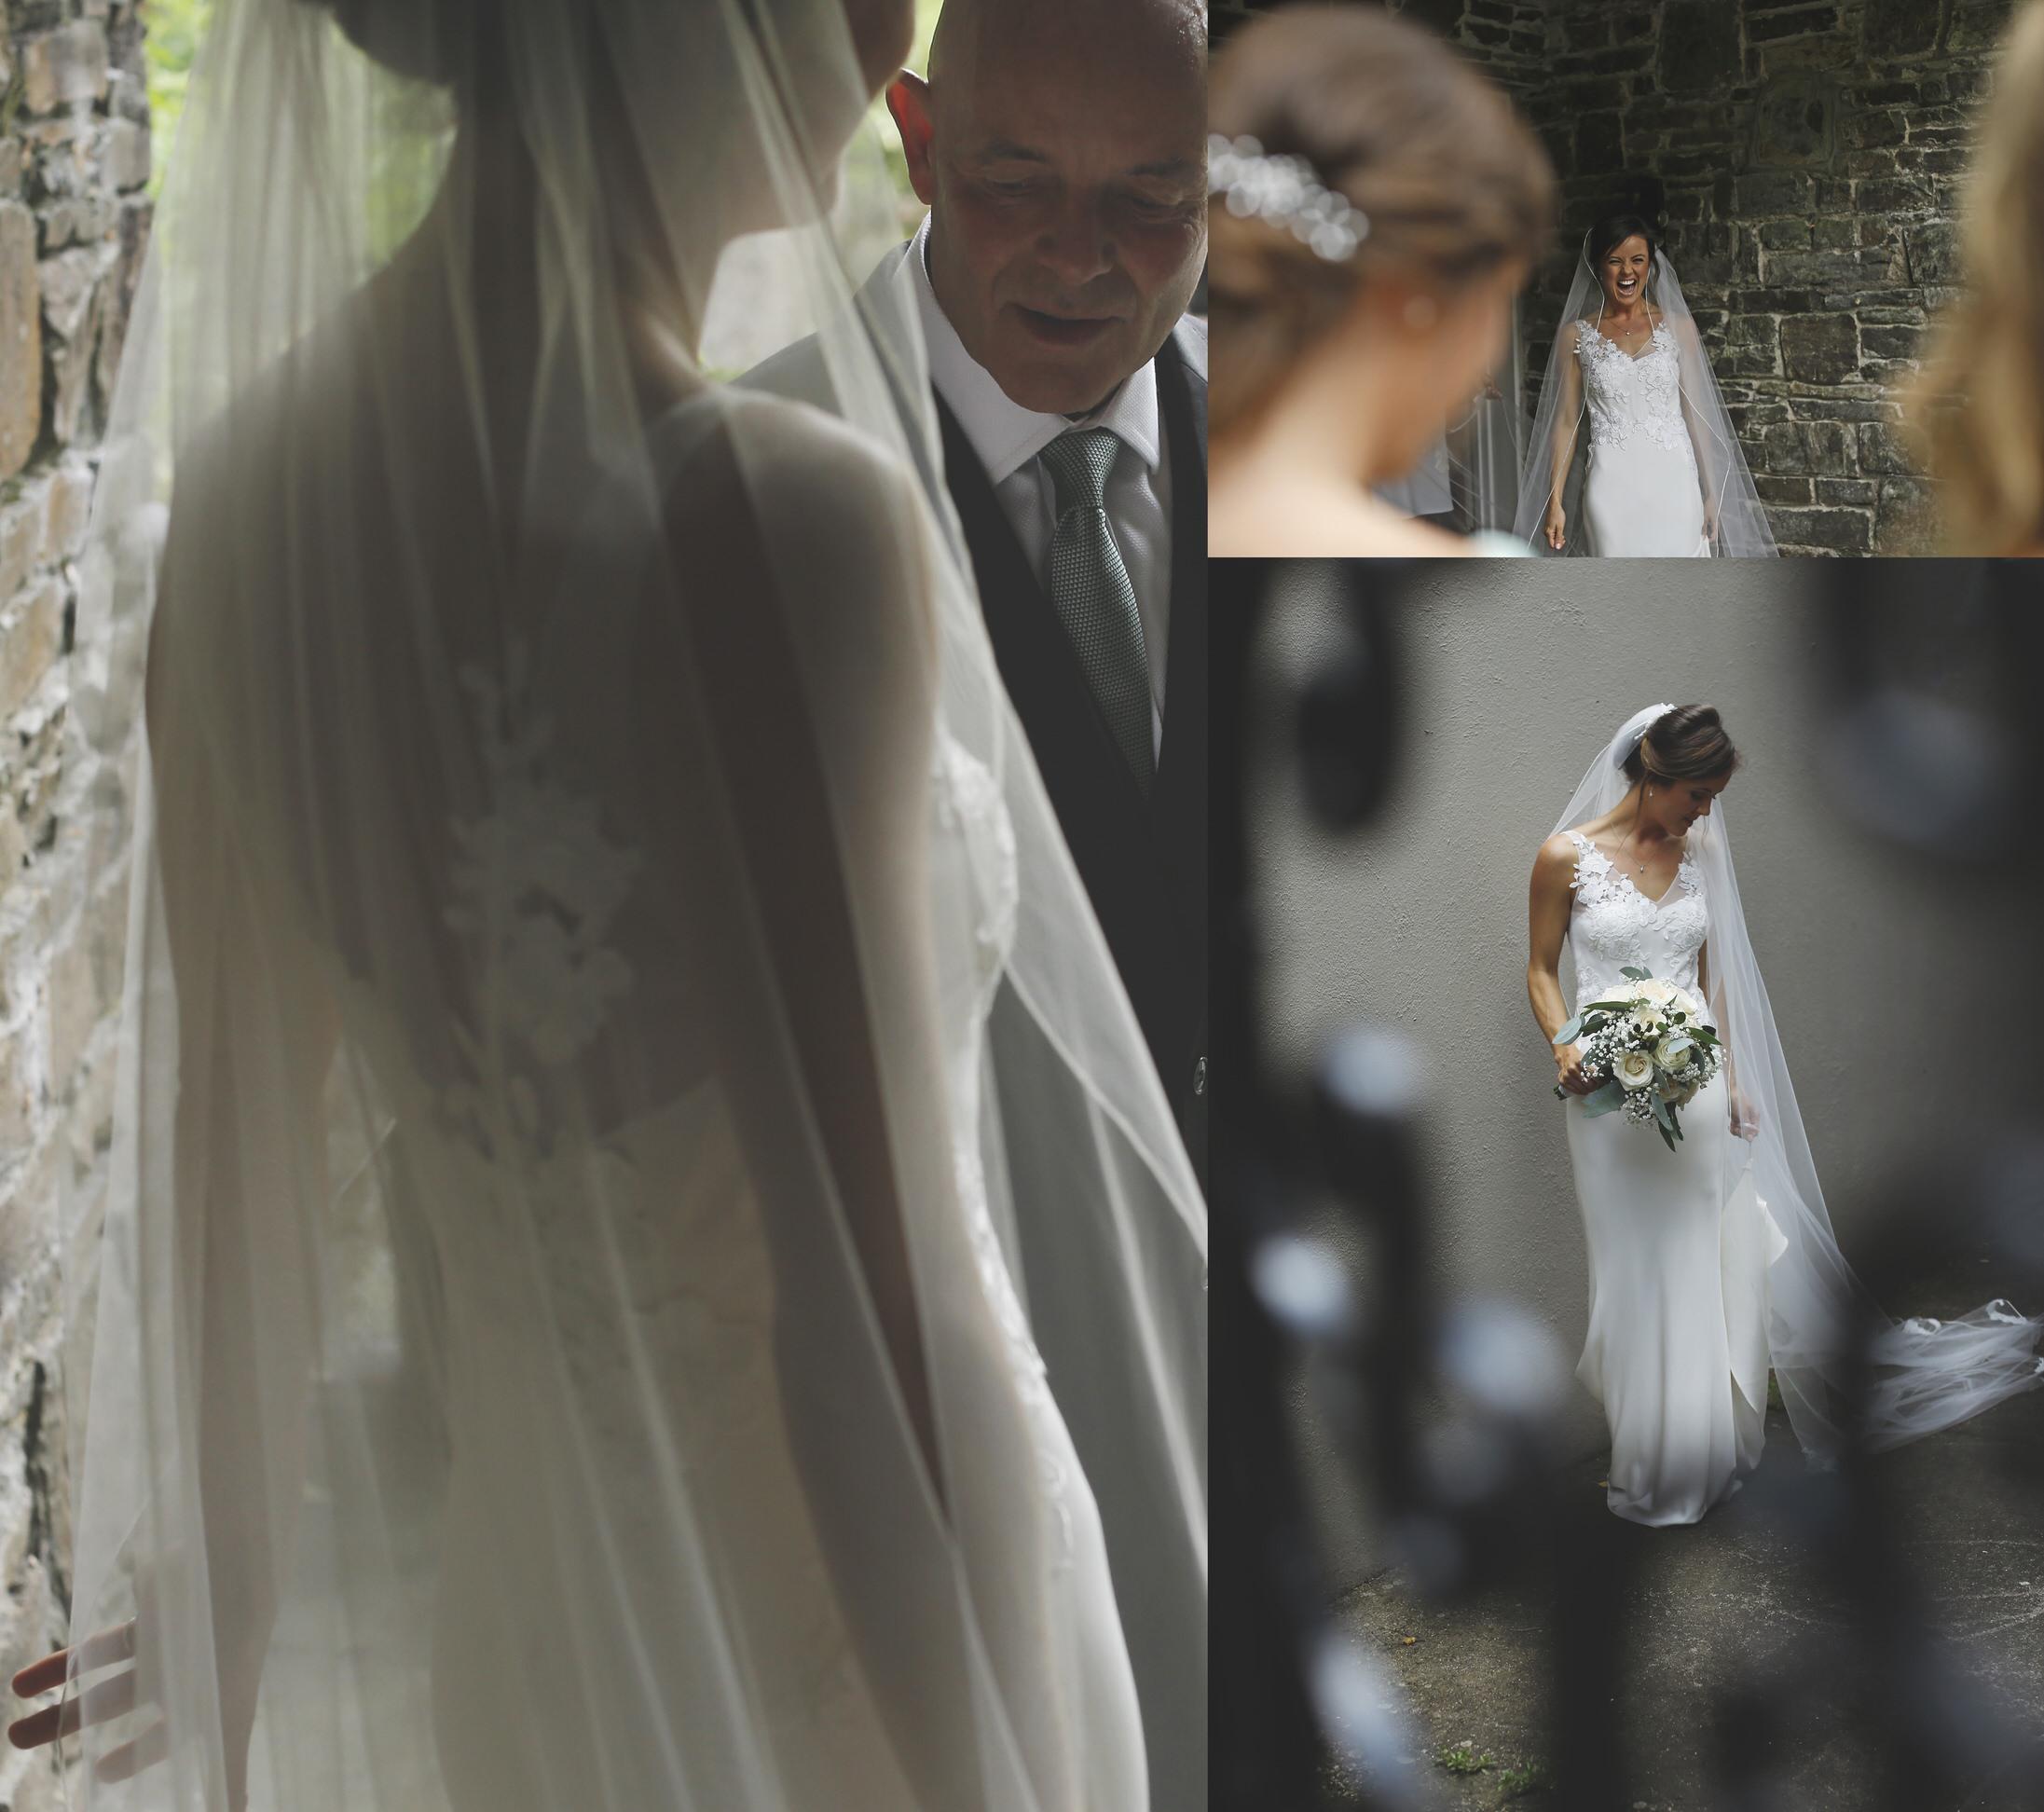 brettharkness-destination-wedding-photographer-ireland_0019.jpg